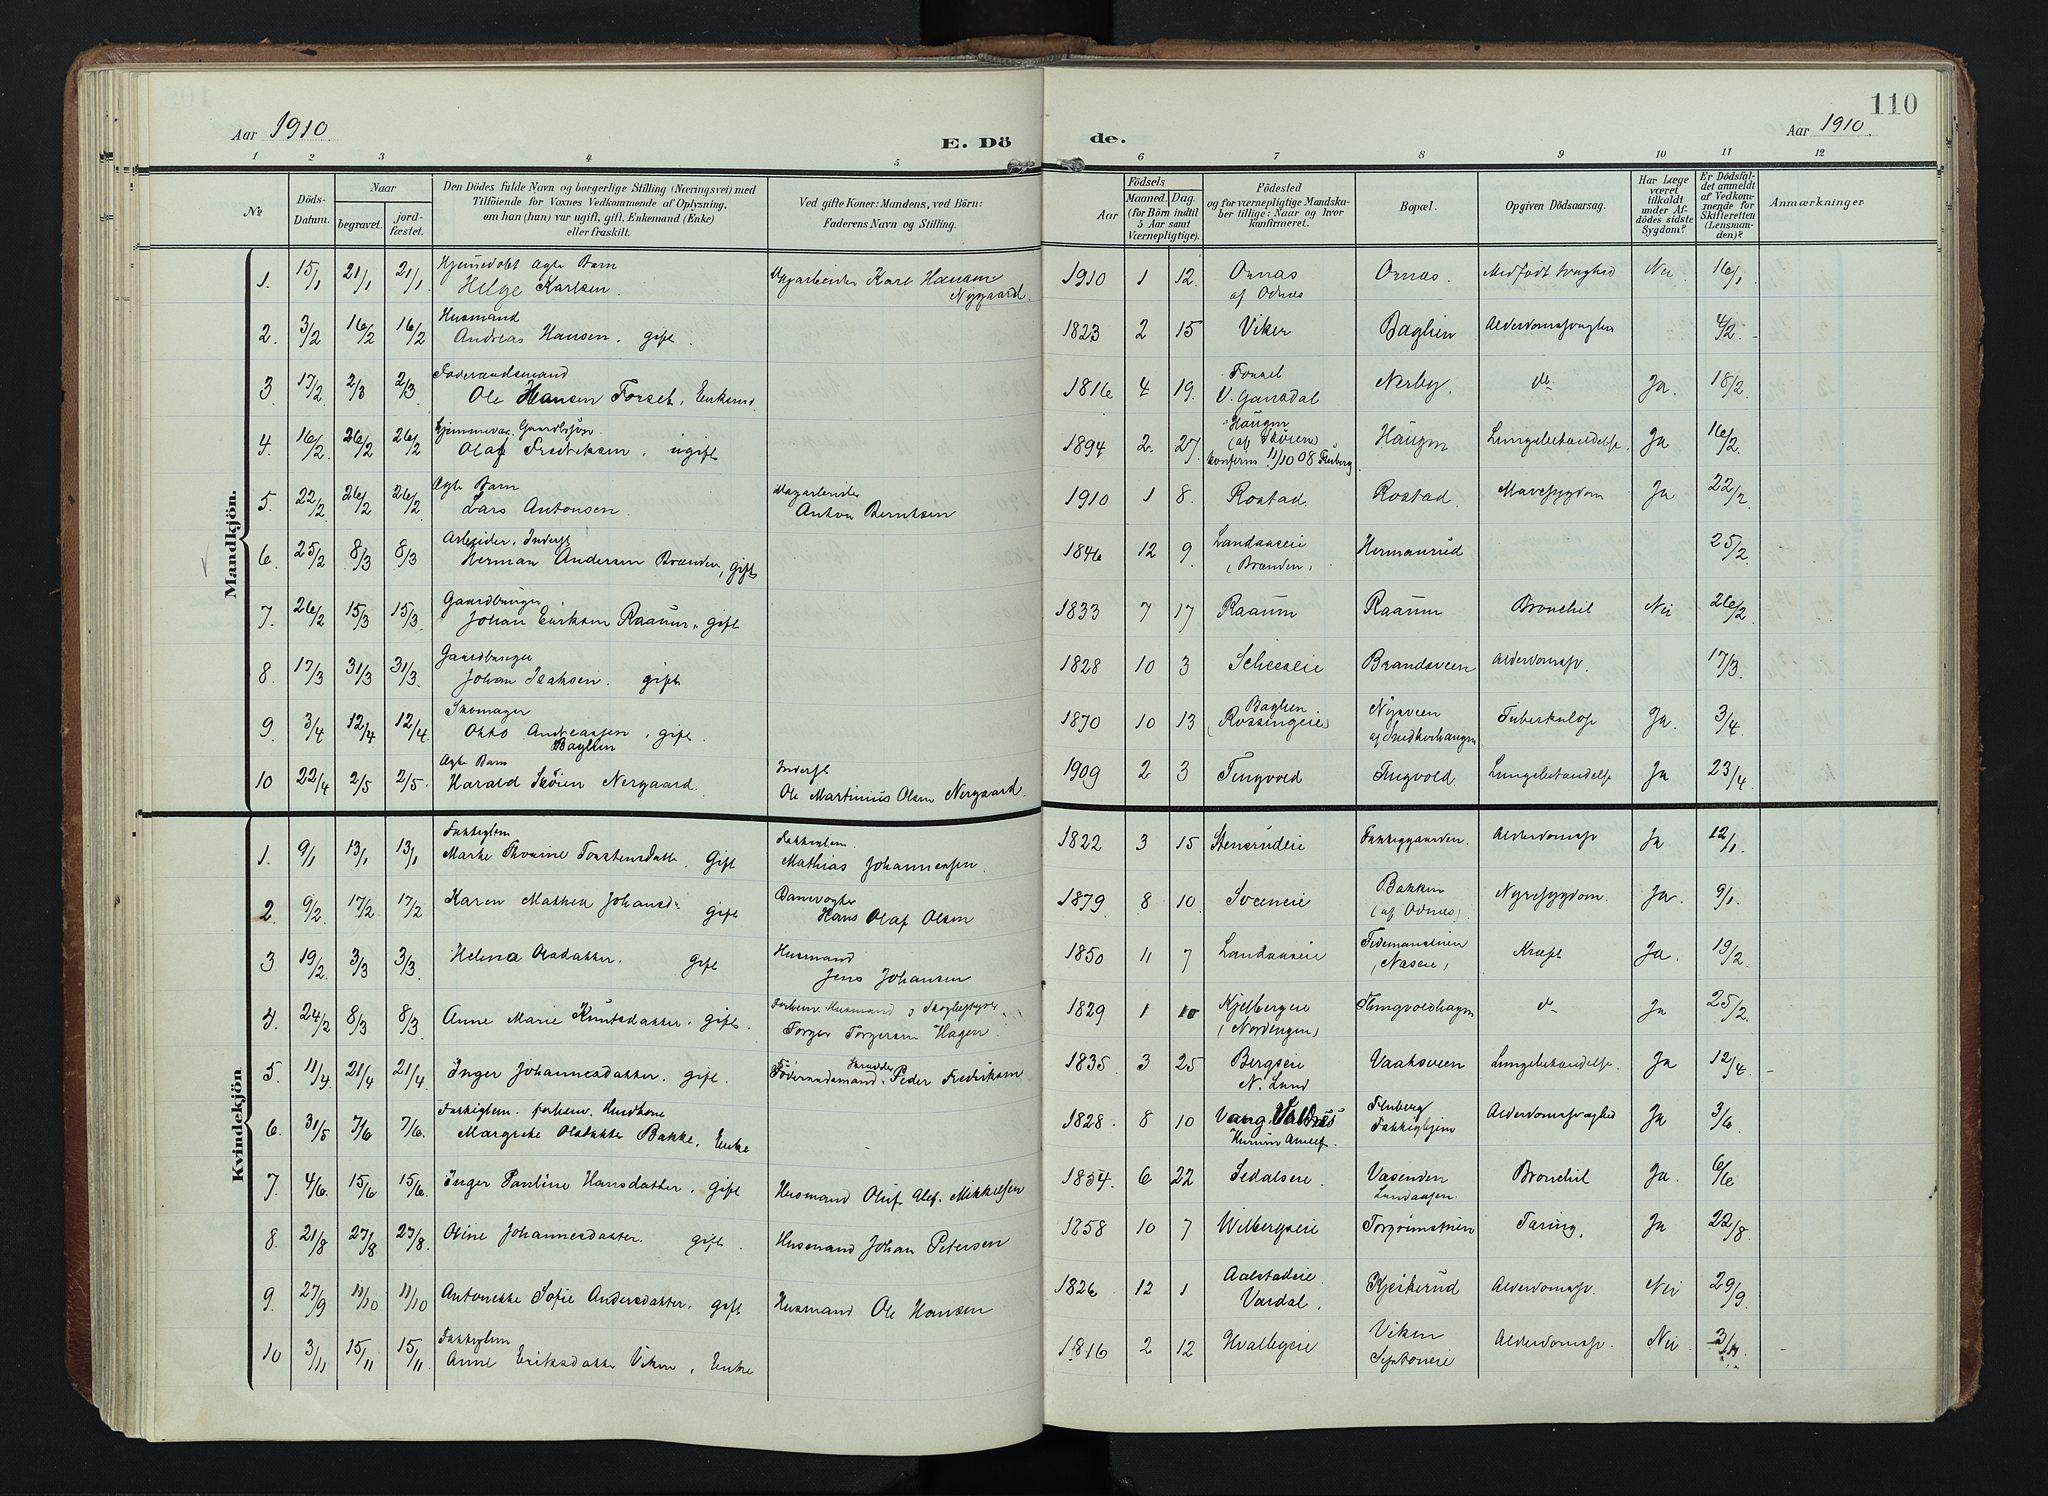 SAH, Søndre Land prestekontor, K/L0005: Ministerialbok nr. 5, 1905-1914, s. 110